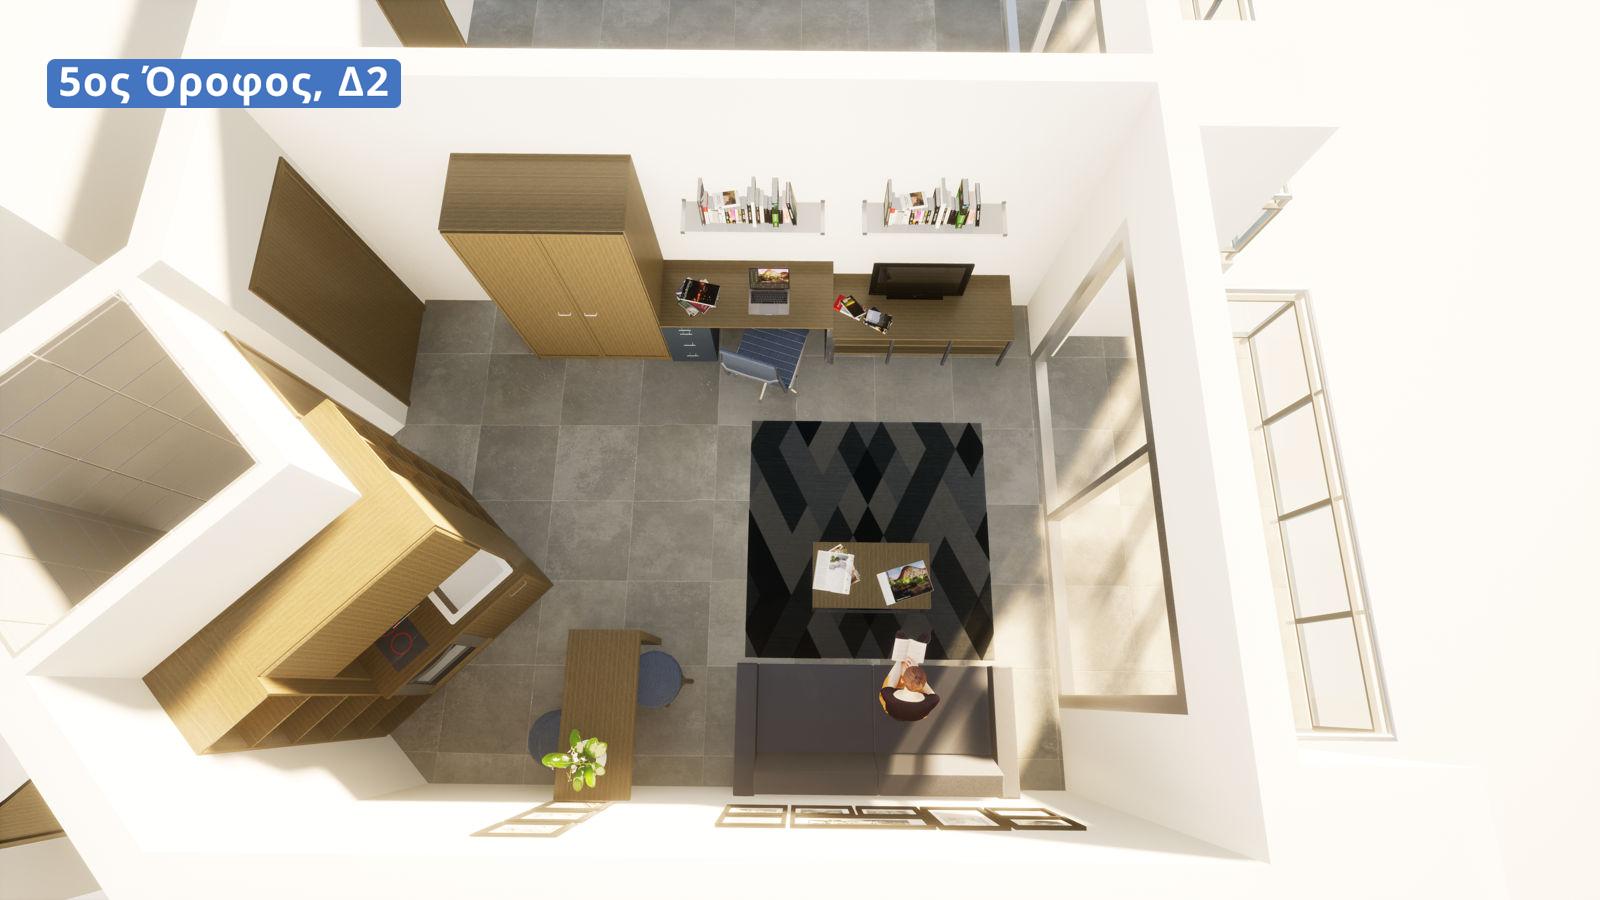 Δ2, 5ος όροφος